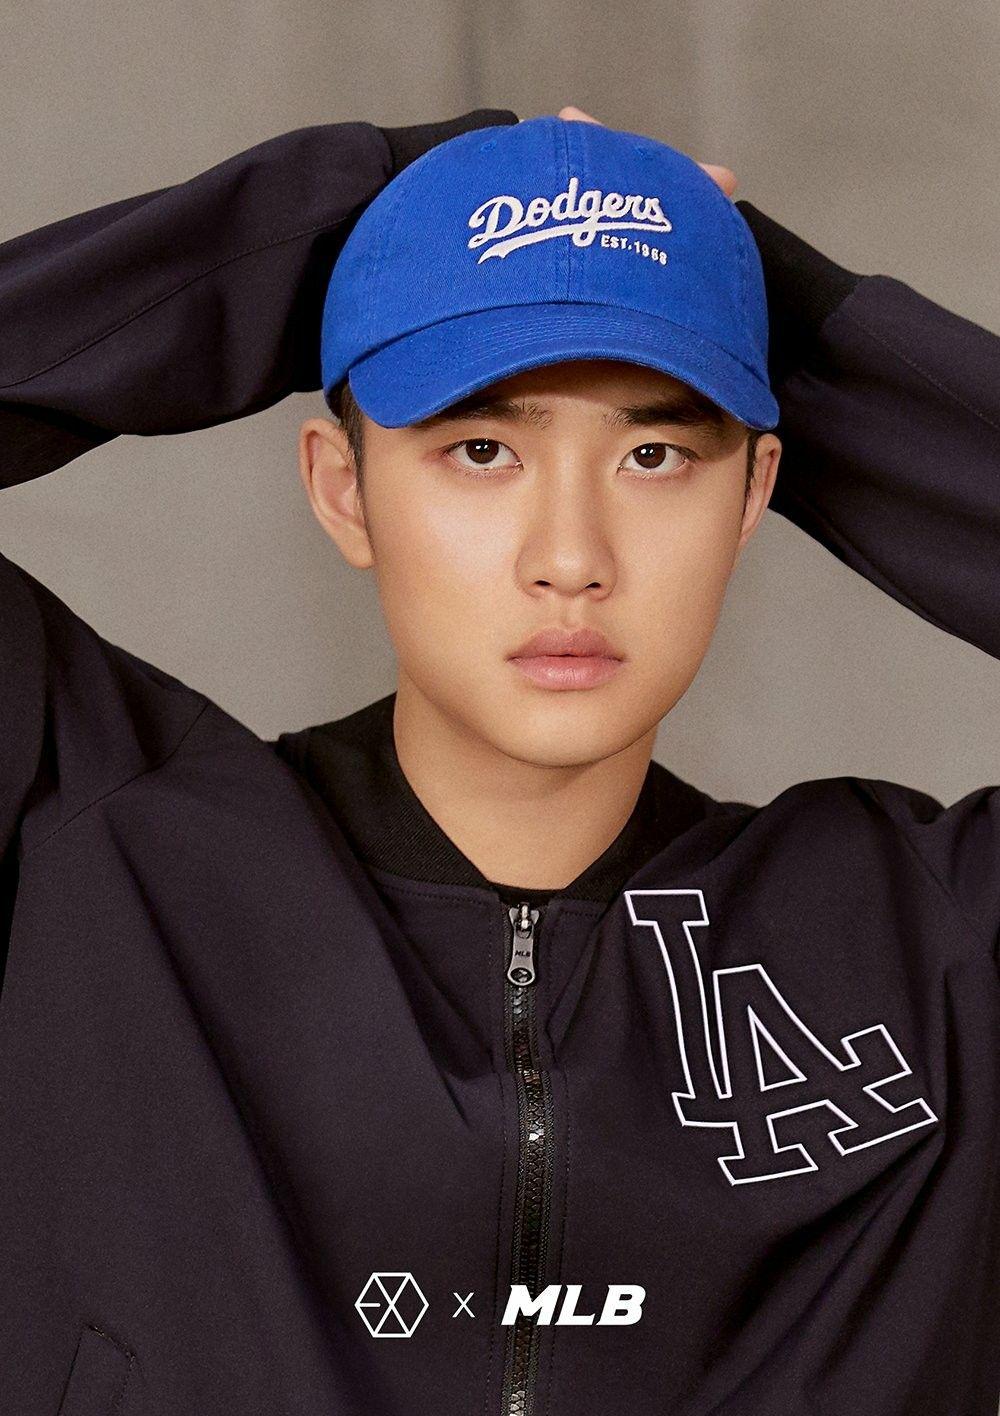 180313 Exo Do Mlb Official Website Mlb X Exo Sehun Exo Baekhyun